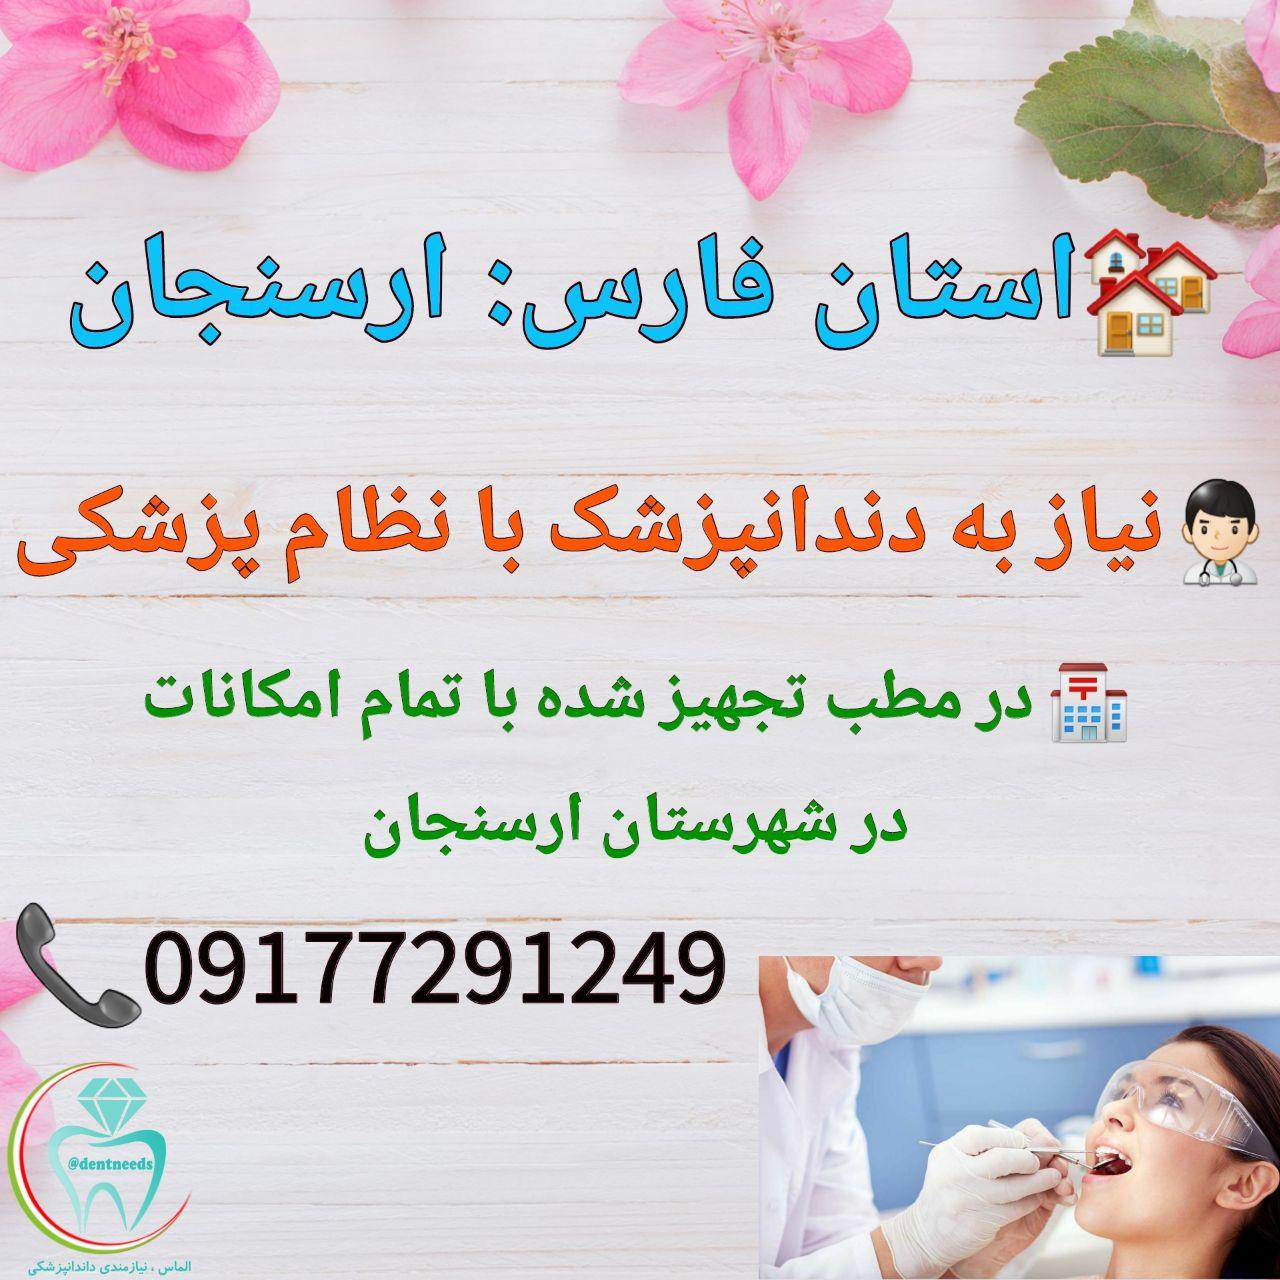 استان فارس: ارسنجان، نیاز به دندانپزشک با نظام پزشکی